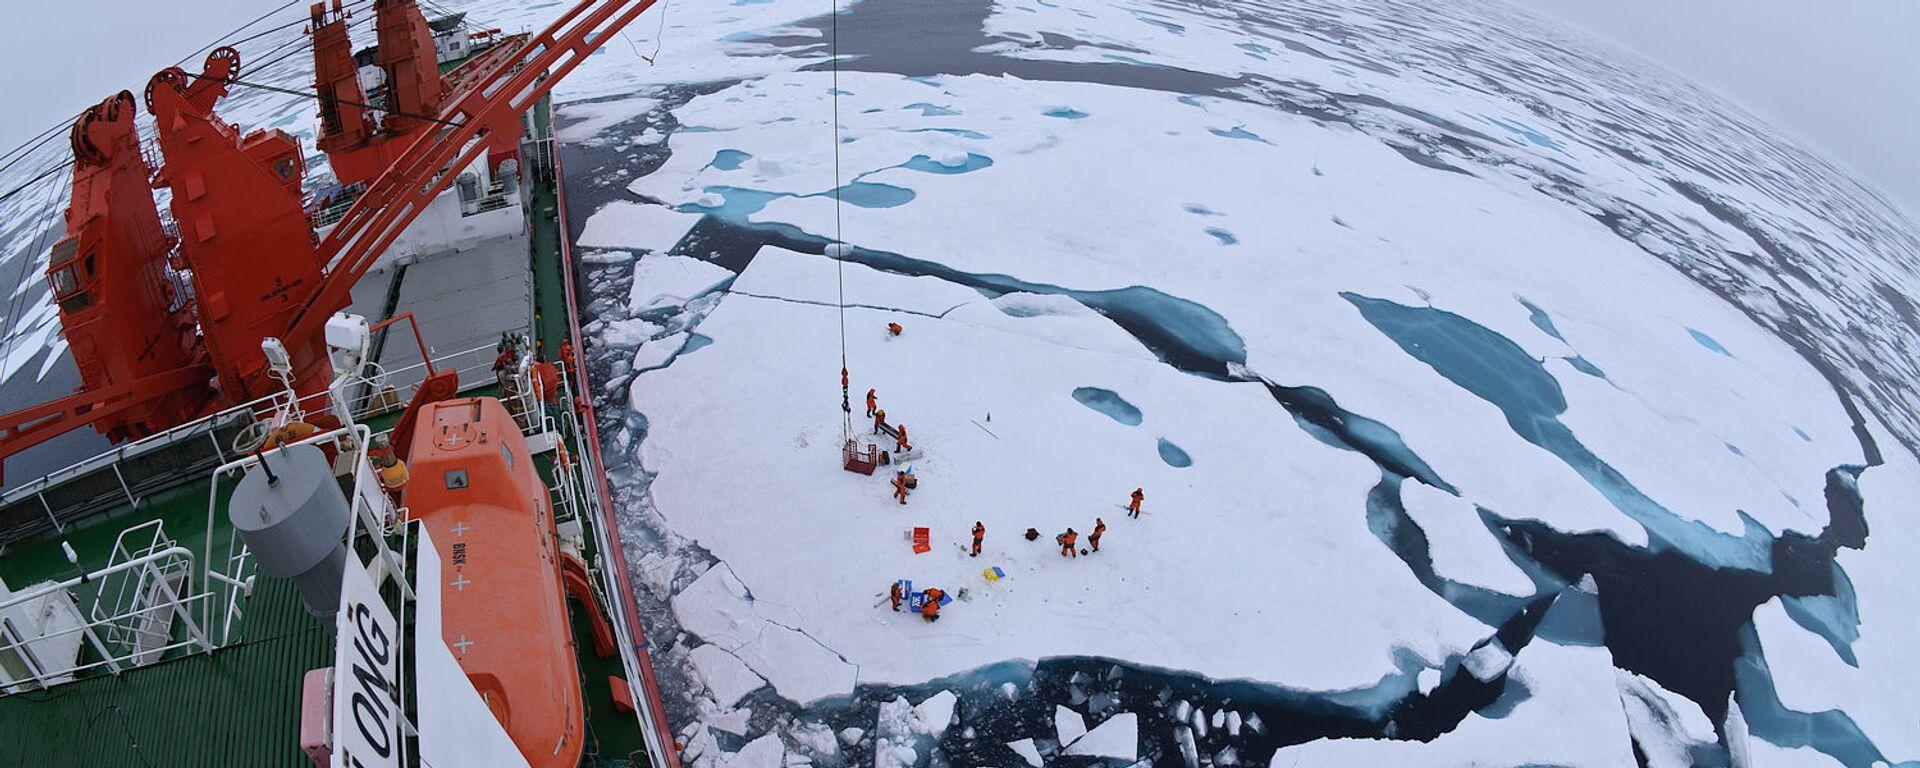 Obóz dryfujący na środku Oceanu Arktycznego, widziany z pokładu lodołamacza Xue Long - Sputnik Polska, 1920, 31.07.2021